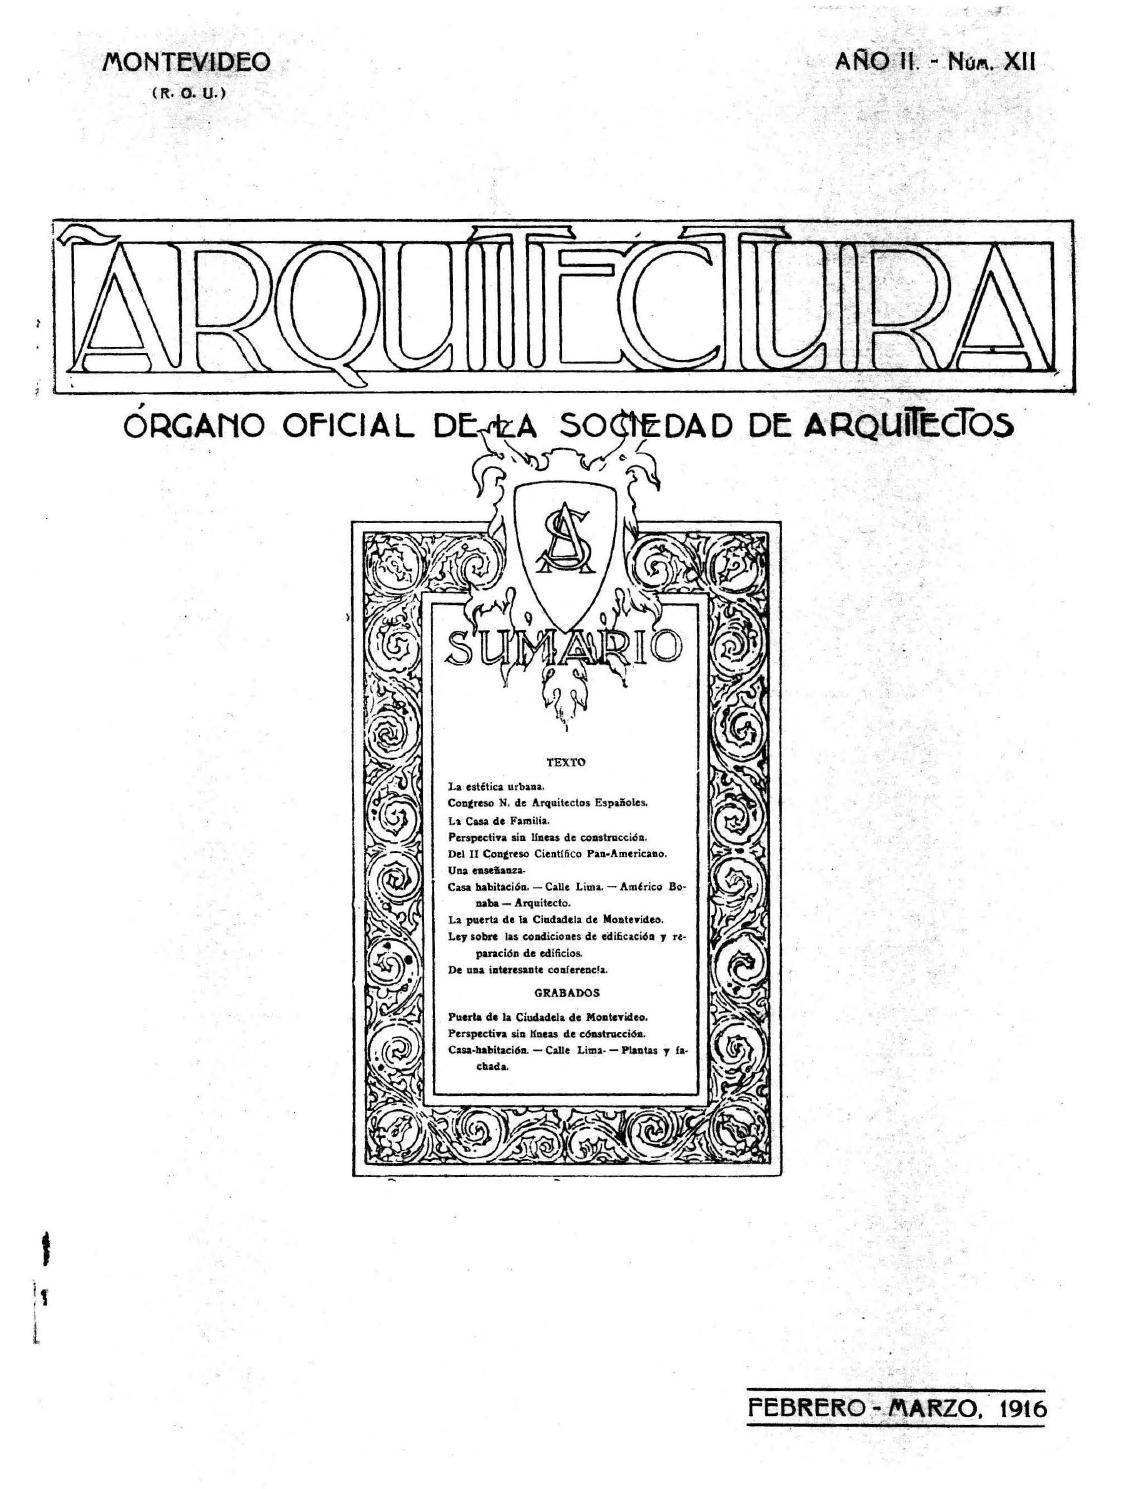 Arquitectura 12 1916 by sociedad de arquitectos del uruguay sau issuu - Sociedad de arquitectos ...